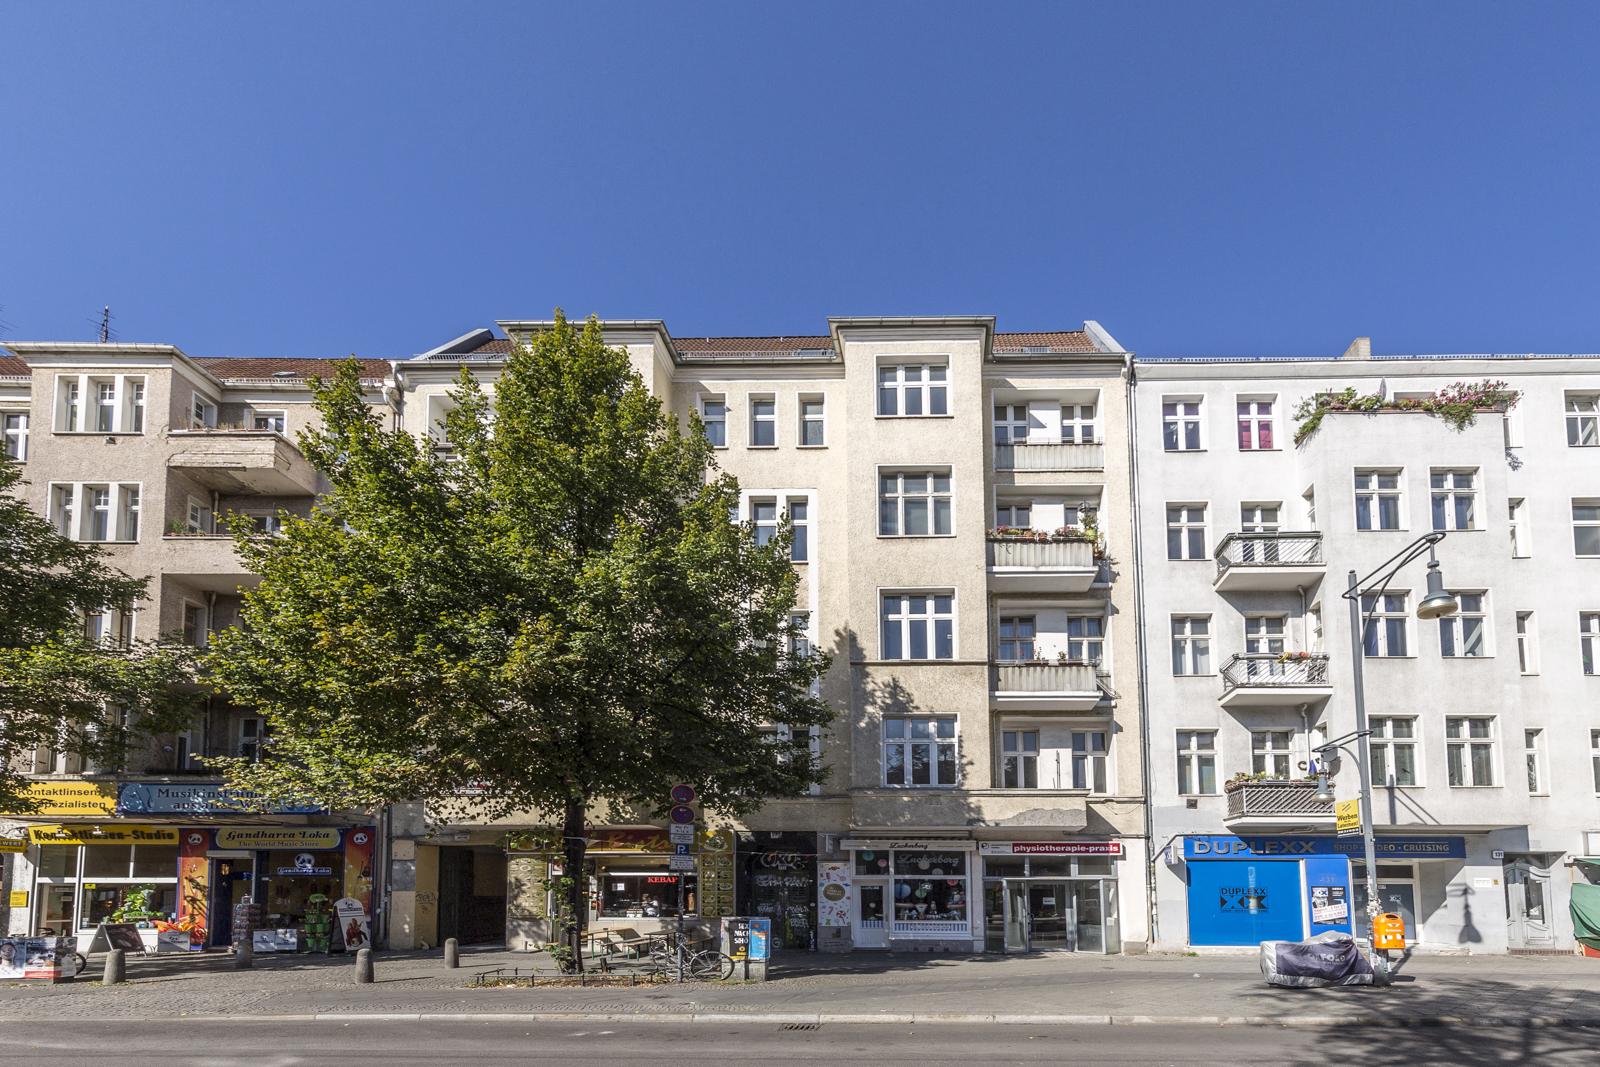 Ingo_Lawaczeck_Mähre_Schönhauser-1